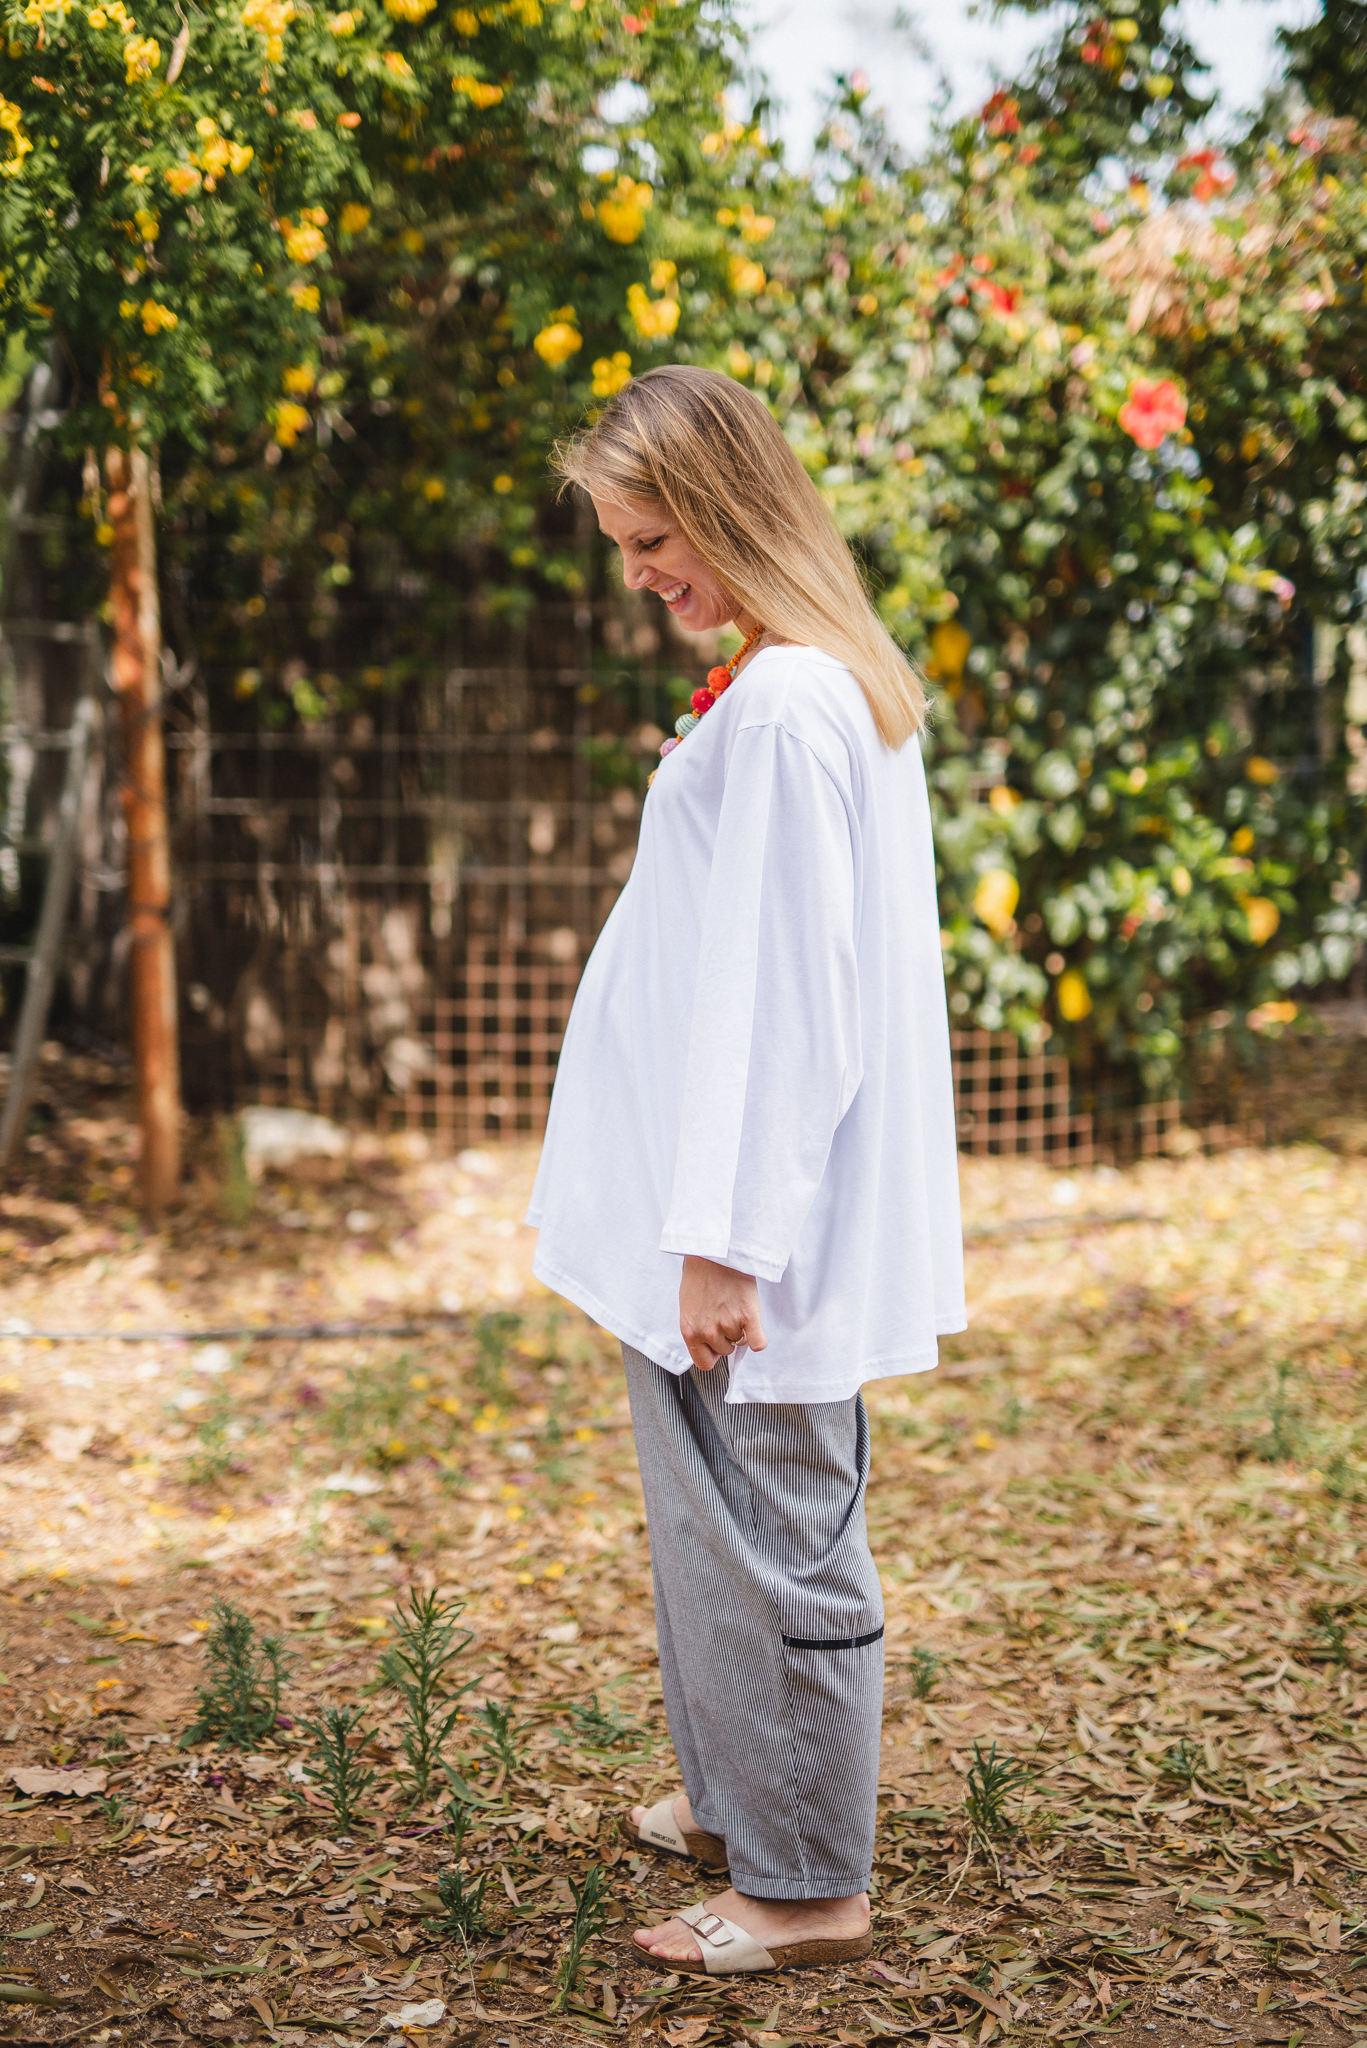 מכנסיים מדגם נור עם פסים לאורך בצבע לבן ושחור